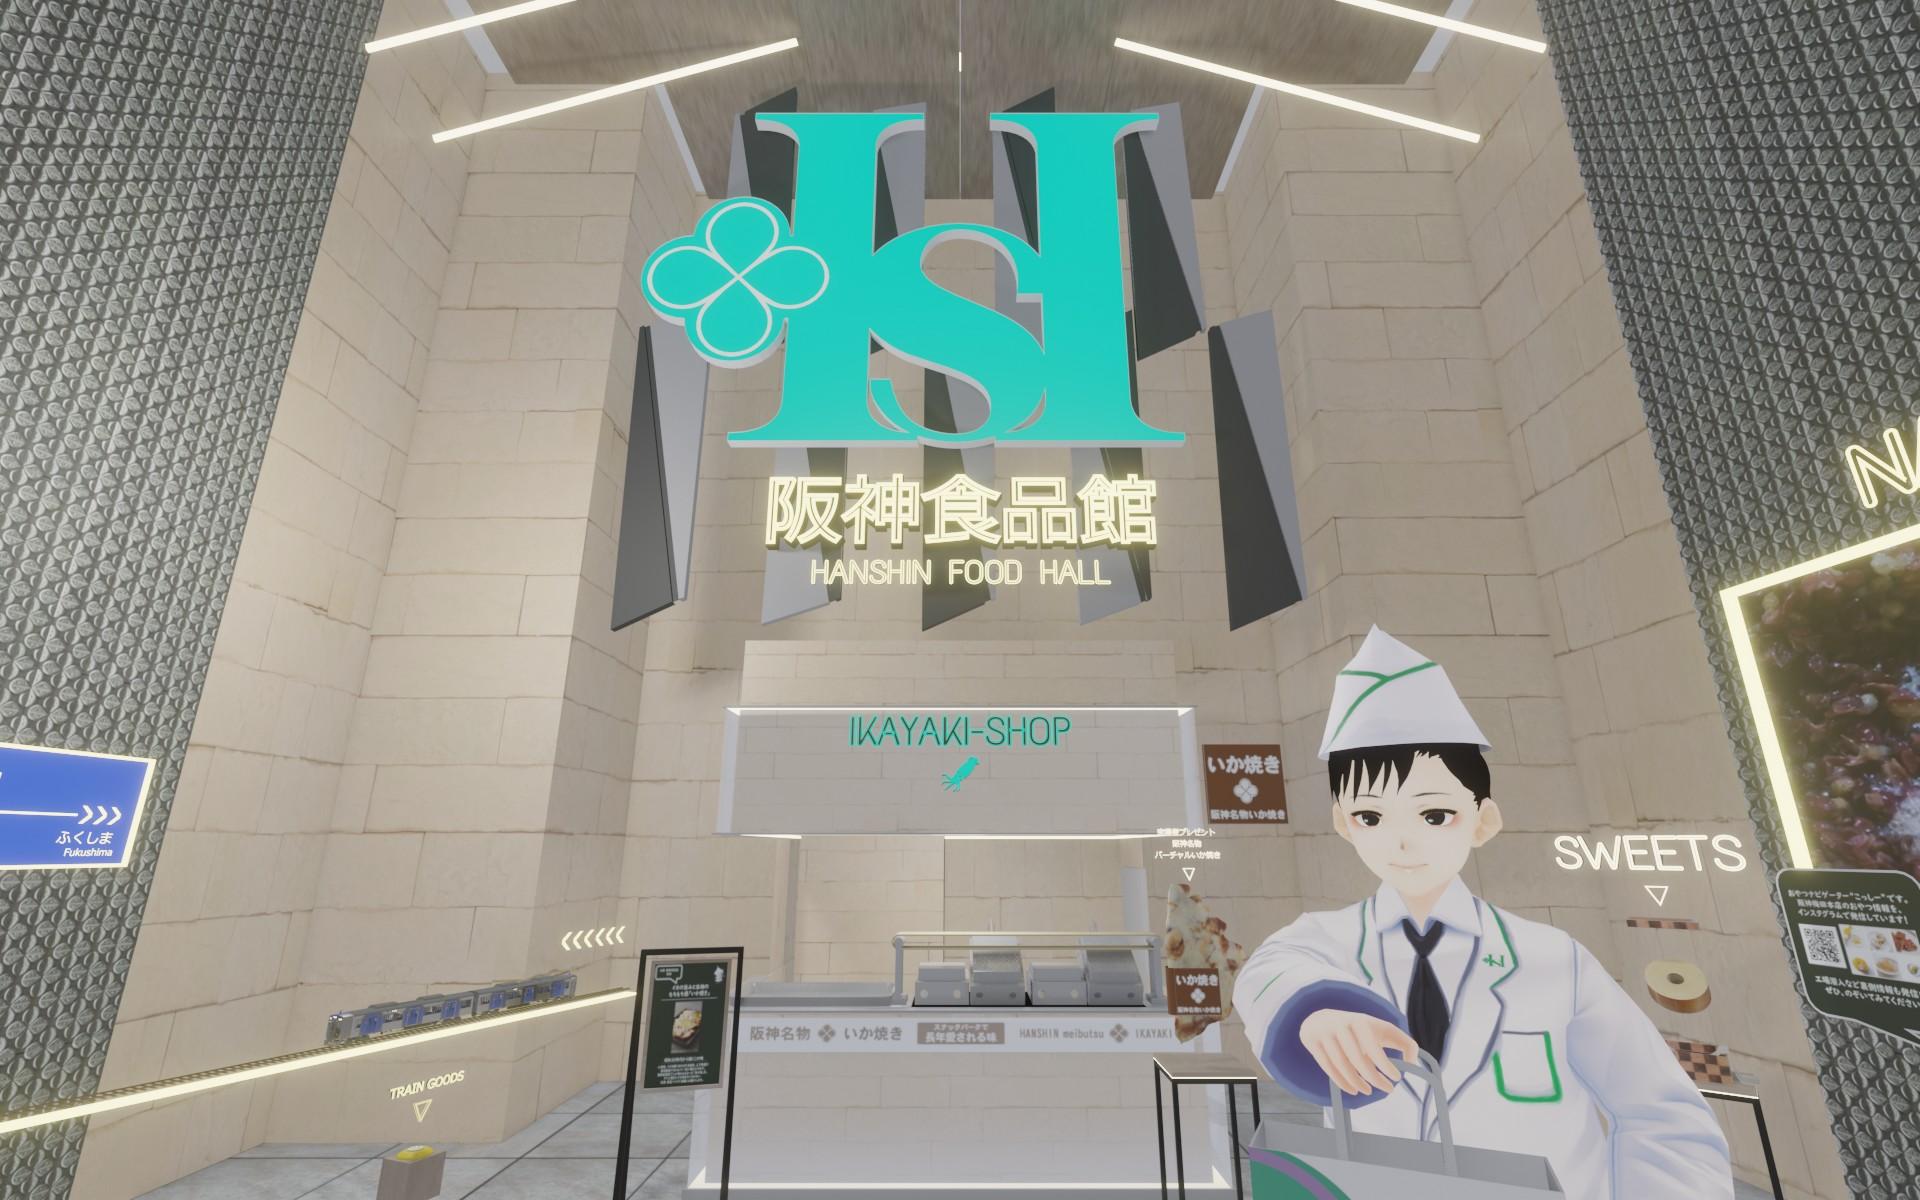 「バーチャル阪神食品館」では、リアル店舗で連日大行列の『阪神名物いか焼き』がオープン!(阪急阪神百貨店のリリースより)